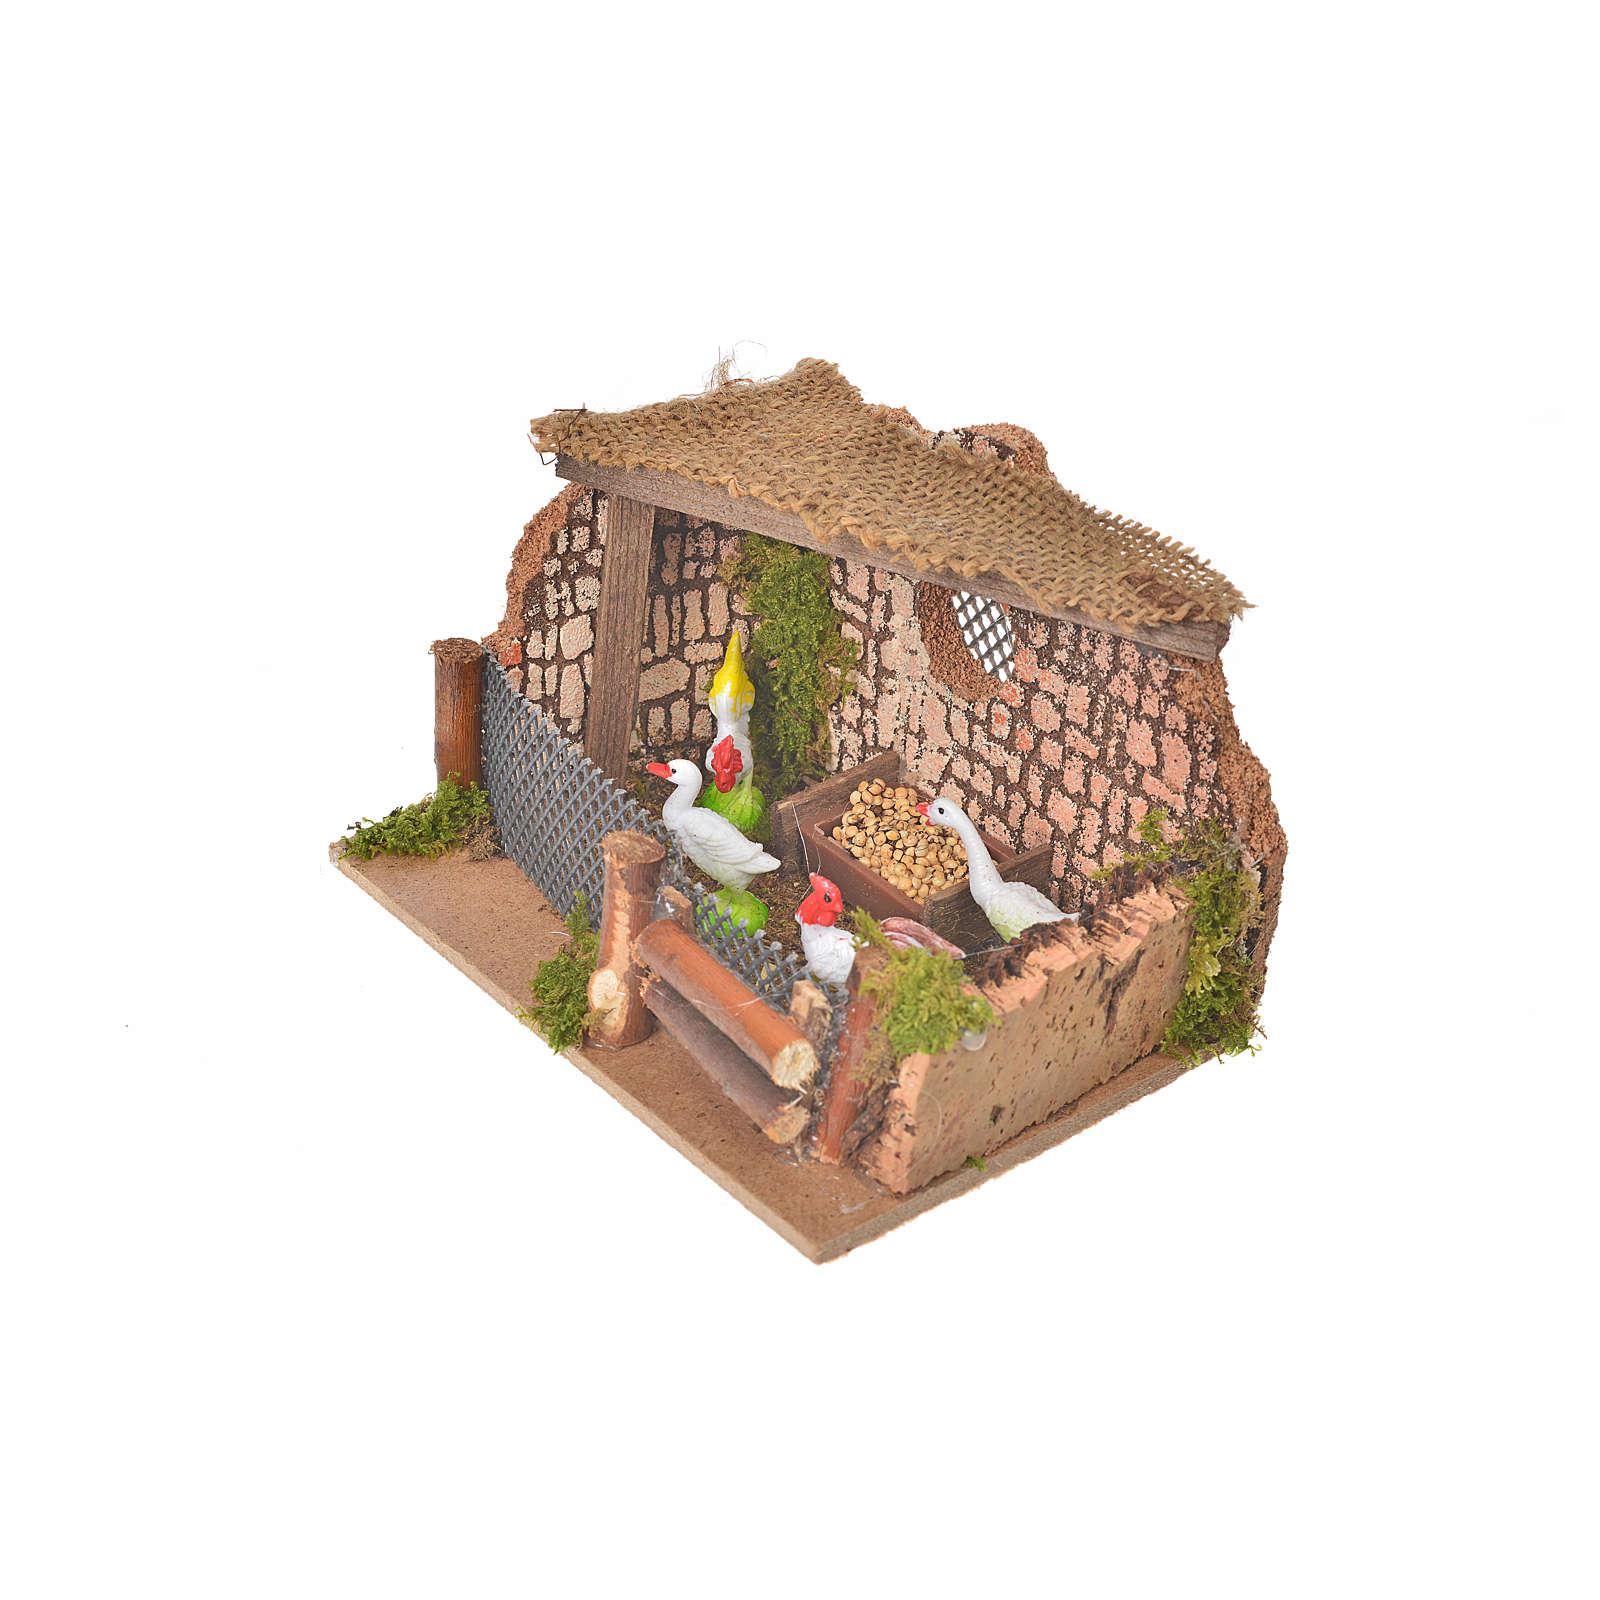 Clôture avec coq et poules 11x15x10cm 4